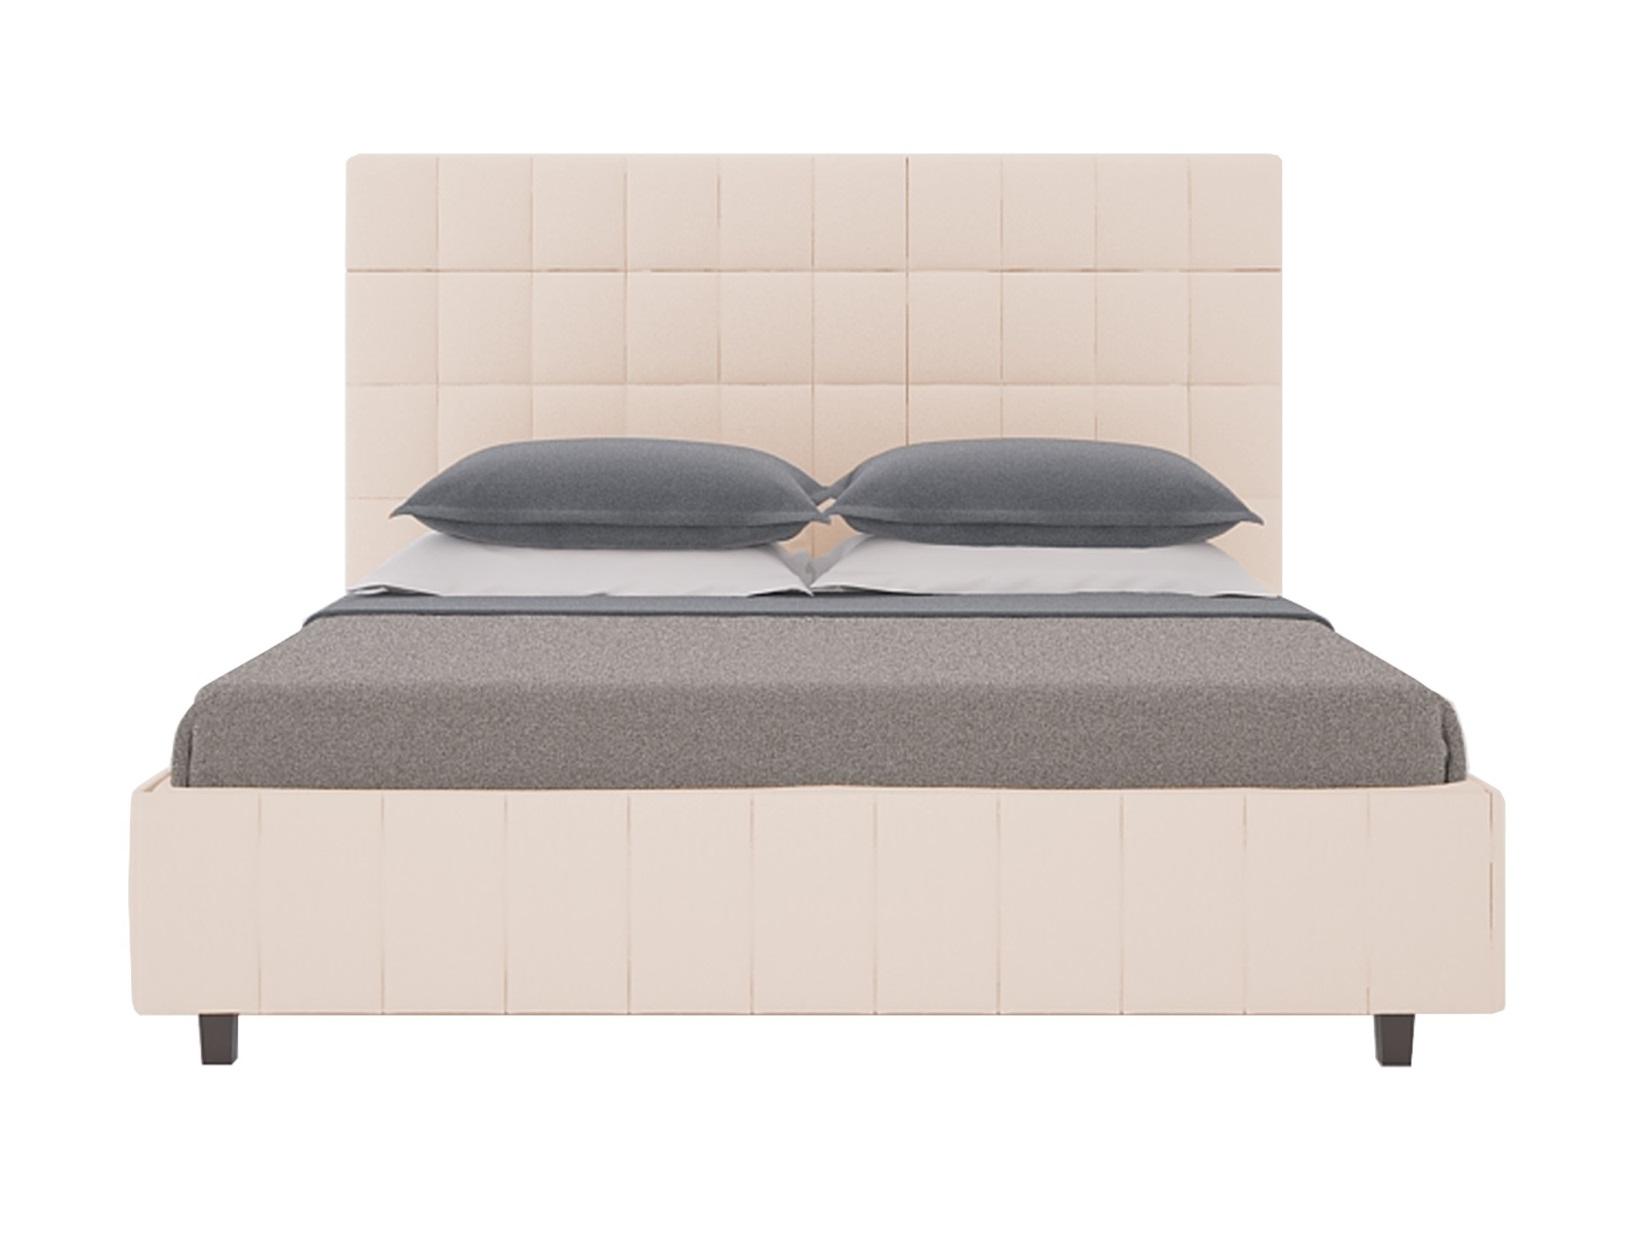 Кровать Shining ModernКровати с мягким изголовьем<br>Удобная и практичная кровать с мягким изголовьем и прочным деревянным каркасом на устойчивых ножках. Поклонники стиля «лофт», несомненно, оценят кровать Shining Modern, в дизайне которой главное — элегантная простота, заключающая в себе очарование и практичность. Строгие формы, отделка мягкого изголовья, основанная на правильной геометрии куба, а также качественный текстиль ? вот что делает облик этого предмета мебели прекрасным в своей сдержанности. Выполненная в строгом промышленном стиле, она покоряет не только оригинальным оформлением, но и удобством. Кровать Shining Modern станет отличным элементом оформления спальни.&amp;amp;nbsp;&amp;lt;div&amp;gt;&amp;lt;br&amp;gt;&amp;lt;/div&amp;gt;&amp;lt;div&amp;gt;Размер спального места: 160*200 см.&amp;amp;nbsp;&amp;lt;/div&amp;gt;&amp;lt;div&amp;gt;Ортопедическое основание и матрас в комплект не входят, их необходимо приобрести отдельно.&amp;amp;nbsp;&amp;lt;/div&amp;gt;&amp;lt;div&amp;gt;На заказ изготовим любой цвет из представленных на нашем сайте, а также любой размер.&amp;amp;nbsp;&amp;lt;/div&amp;gt;&amp;lt;div&amp;gt;Срок изготовления заказной позиции — 30 дней.&amp;amp;nbsp;&amp;lt;/div&amp;gt;<br><br>Material: Текстиль<br>Length см: None<br>Width см: 177<br>Depth см: 232<br>Height см: 119